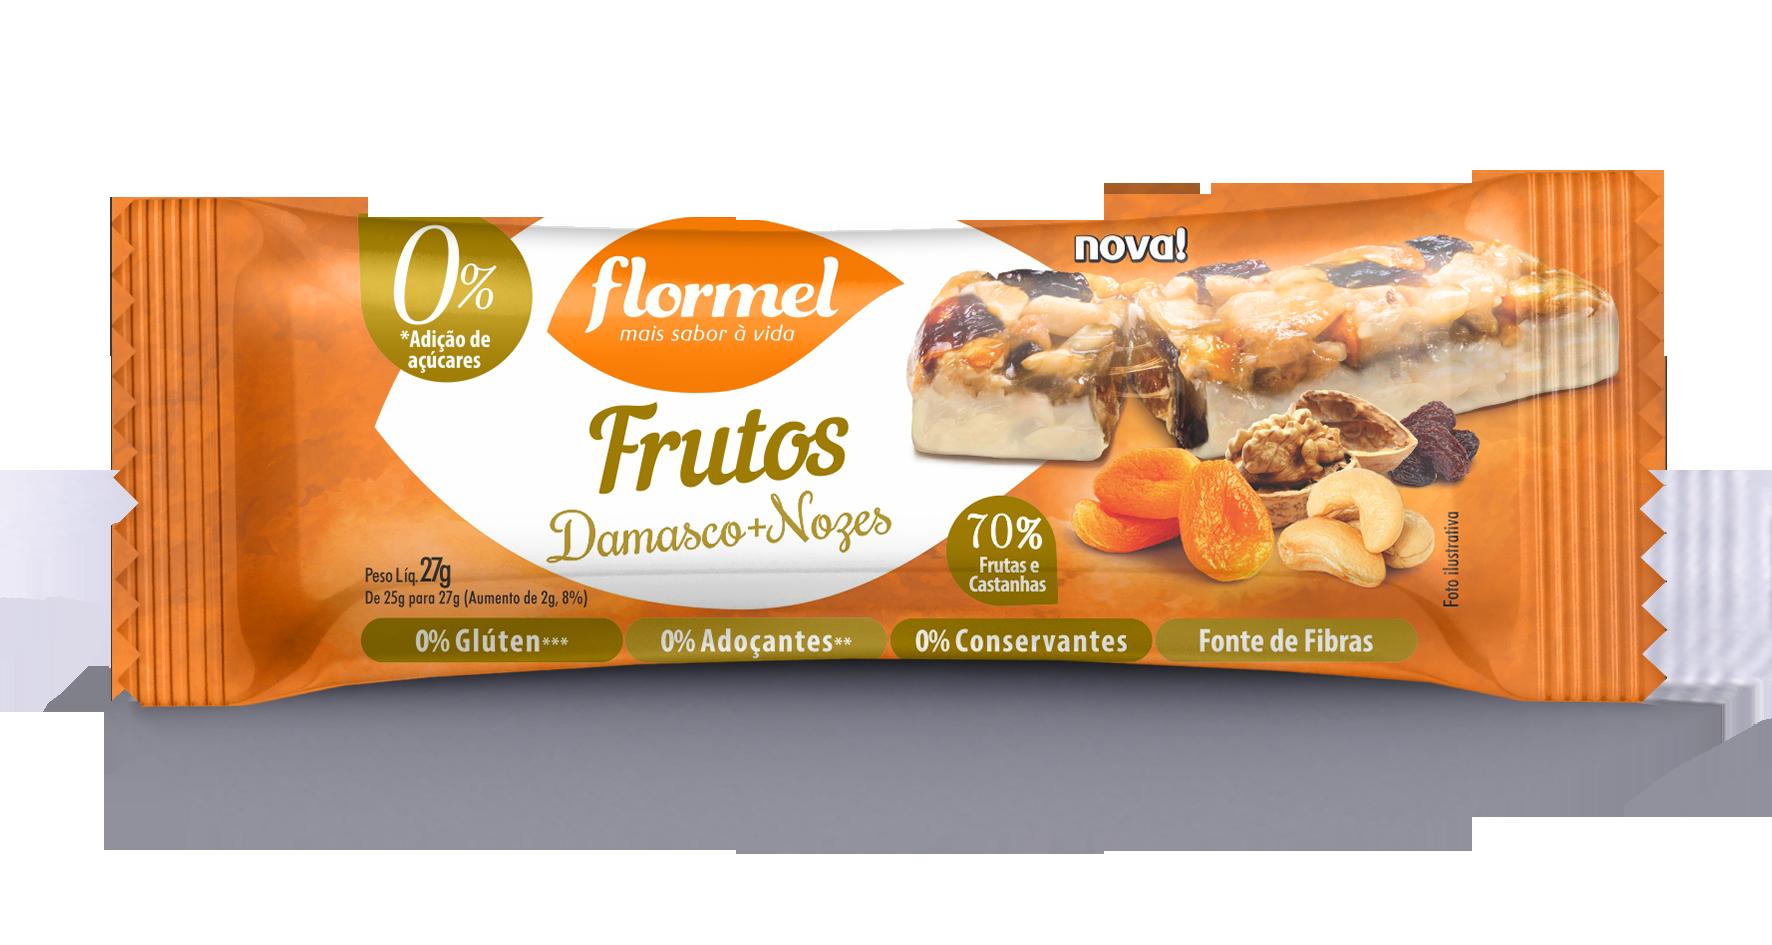 Frutos damasco